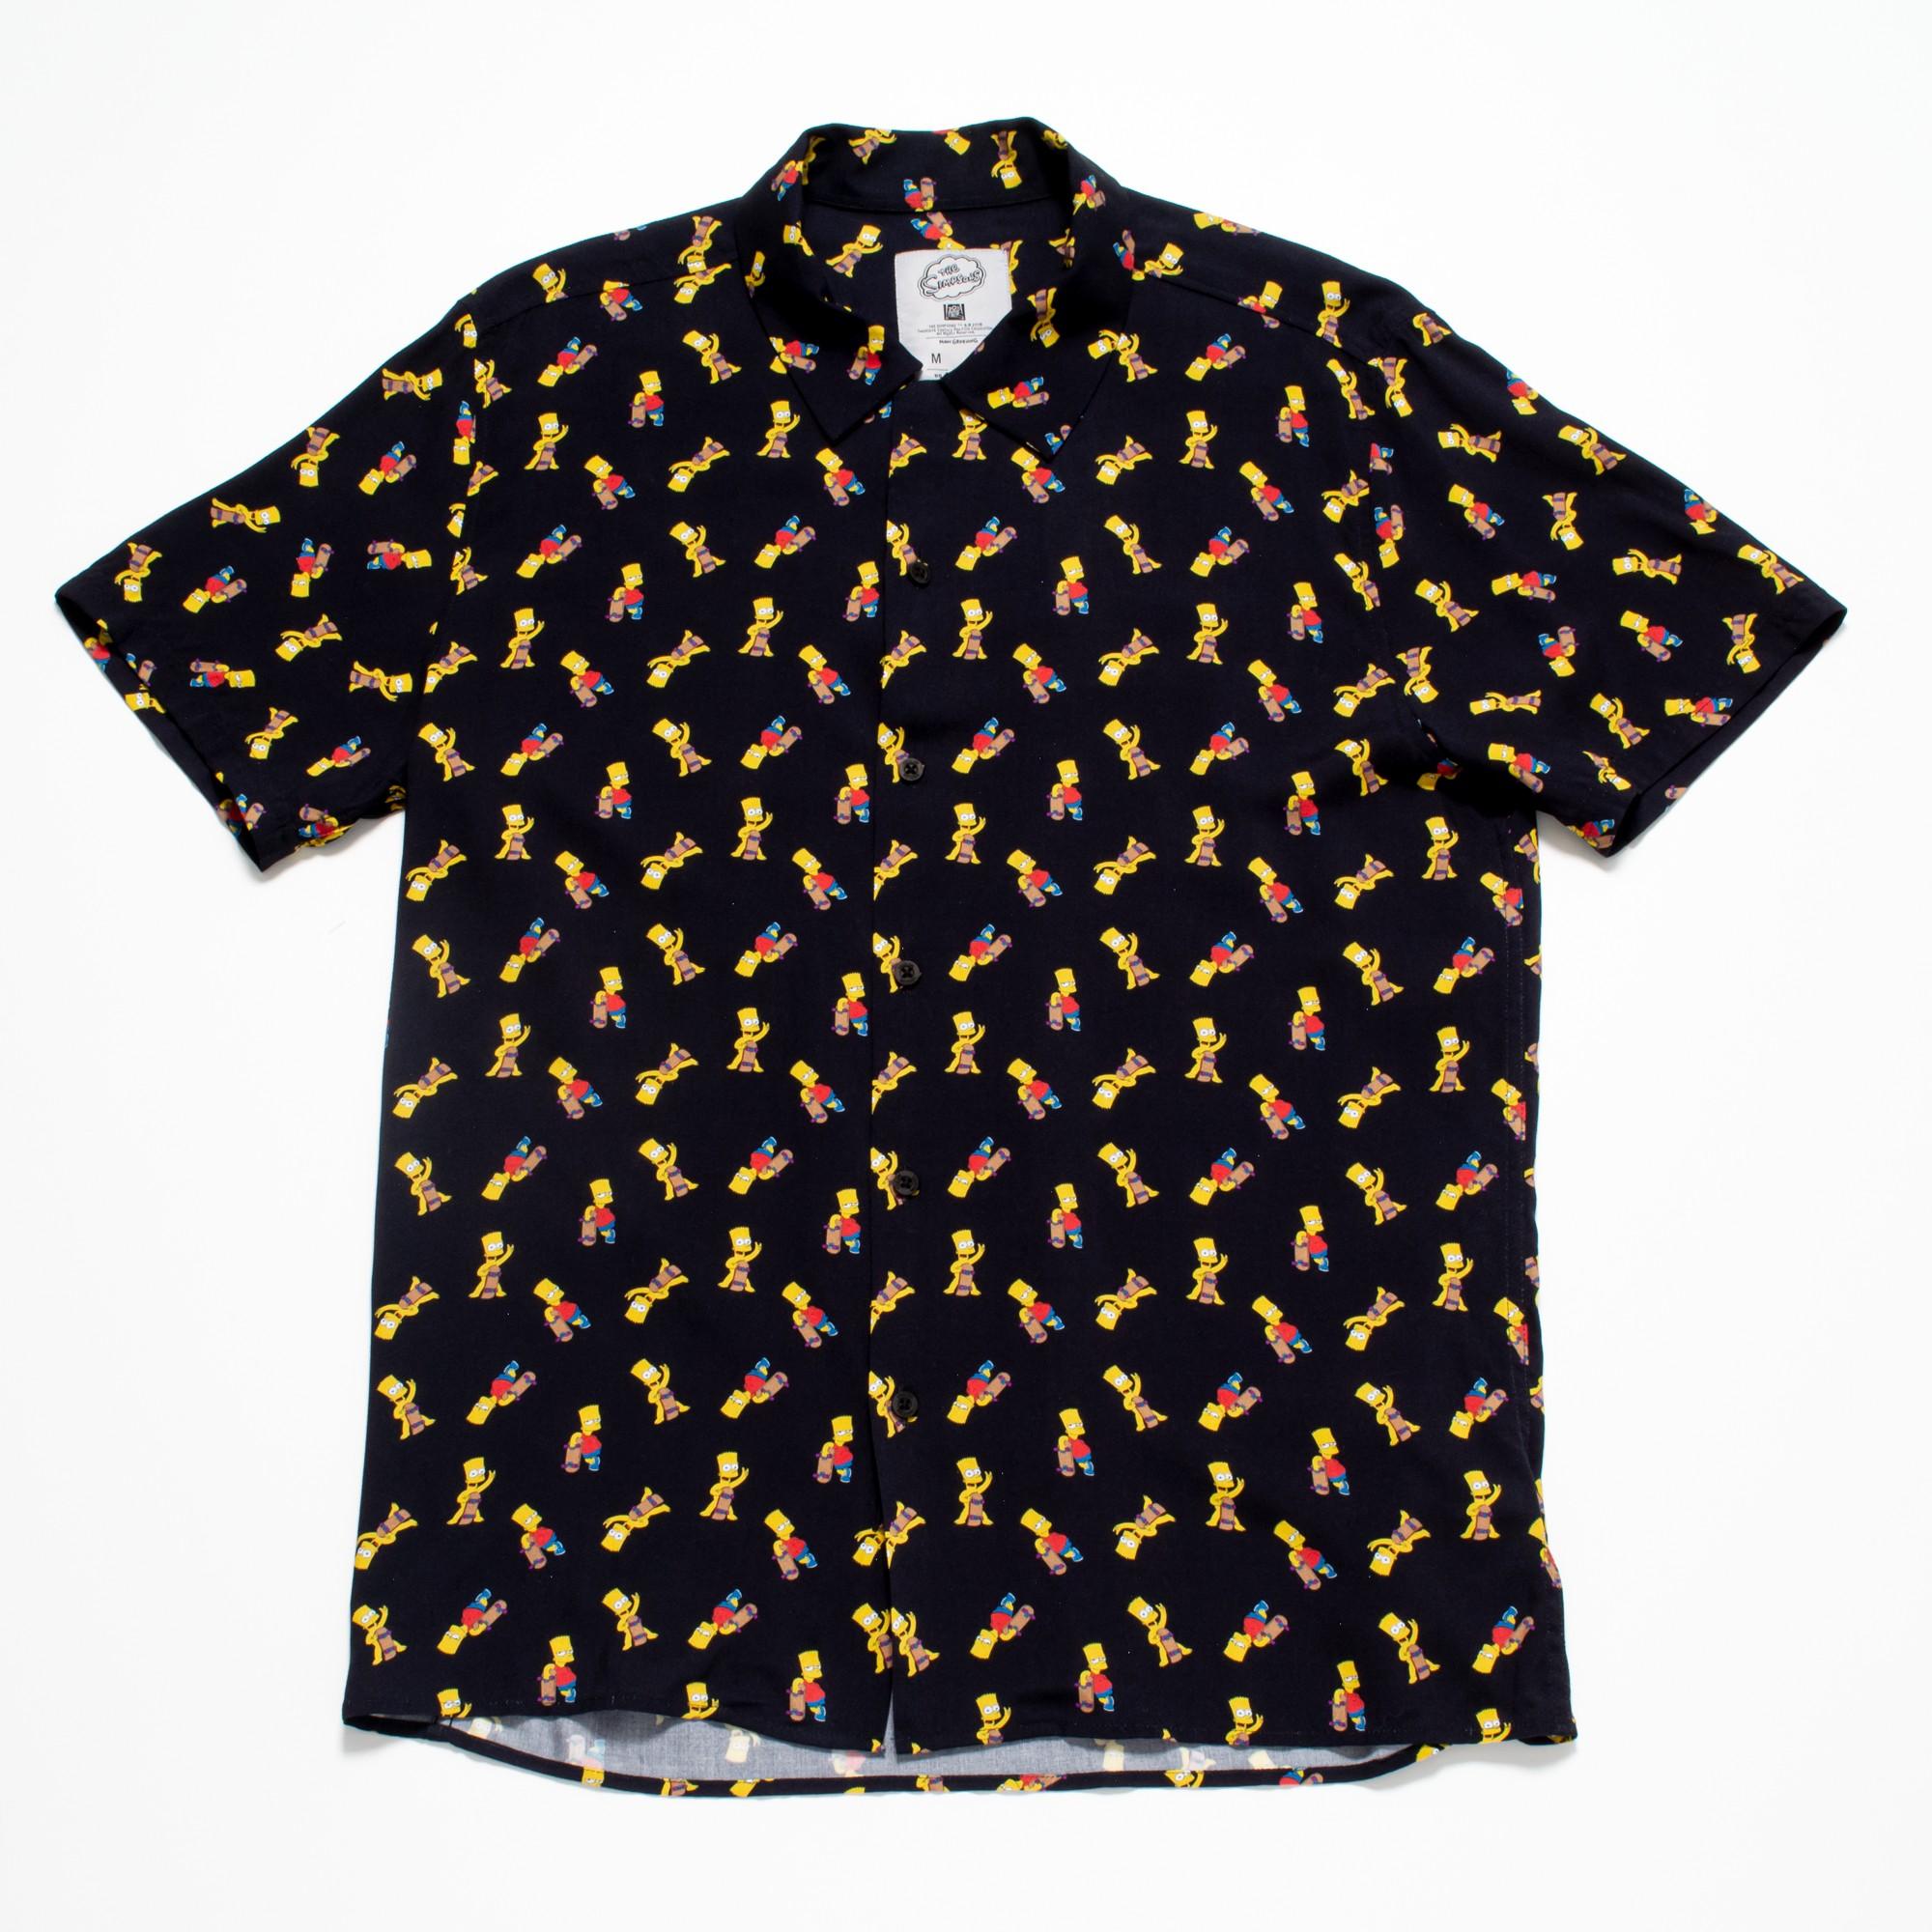 Camisa Bart Simpsons, R$139,90 (Foto: Divulgação)